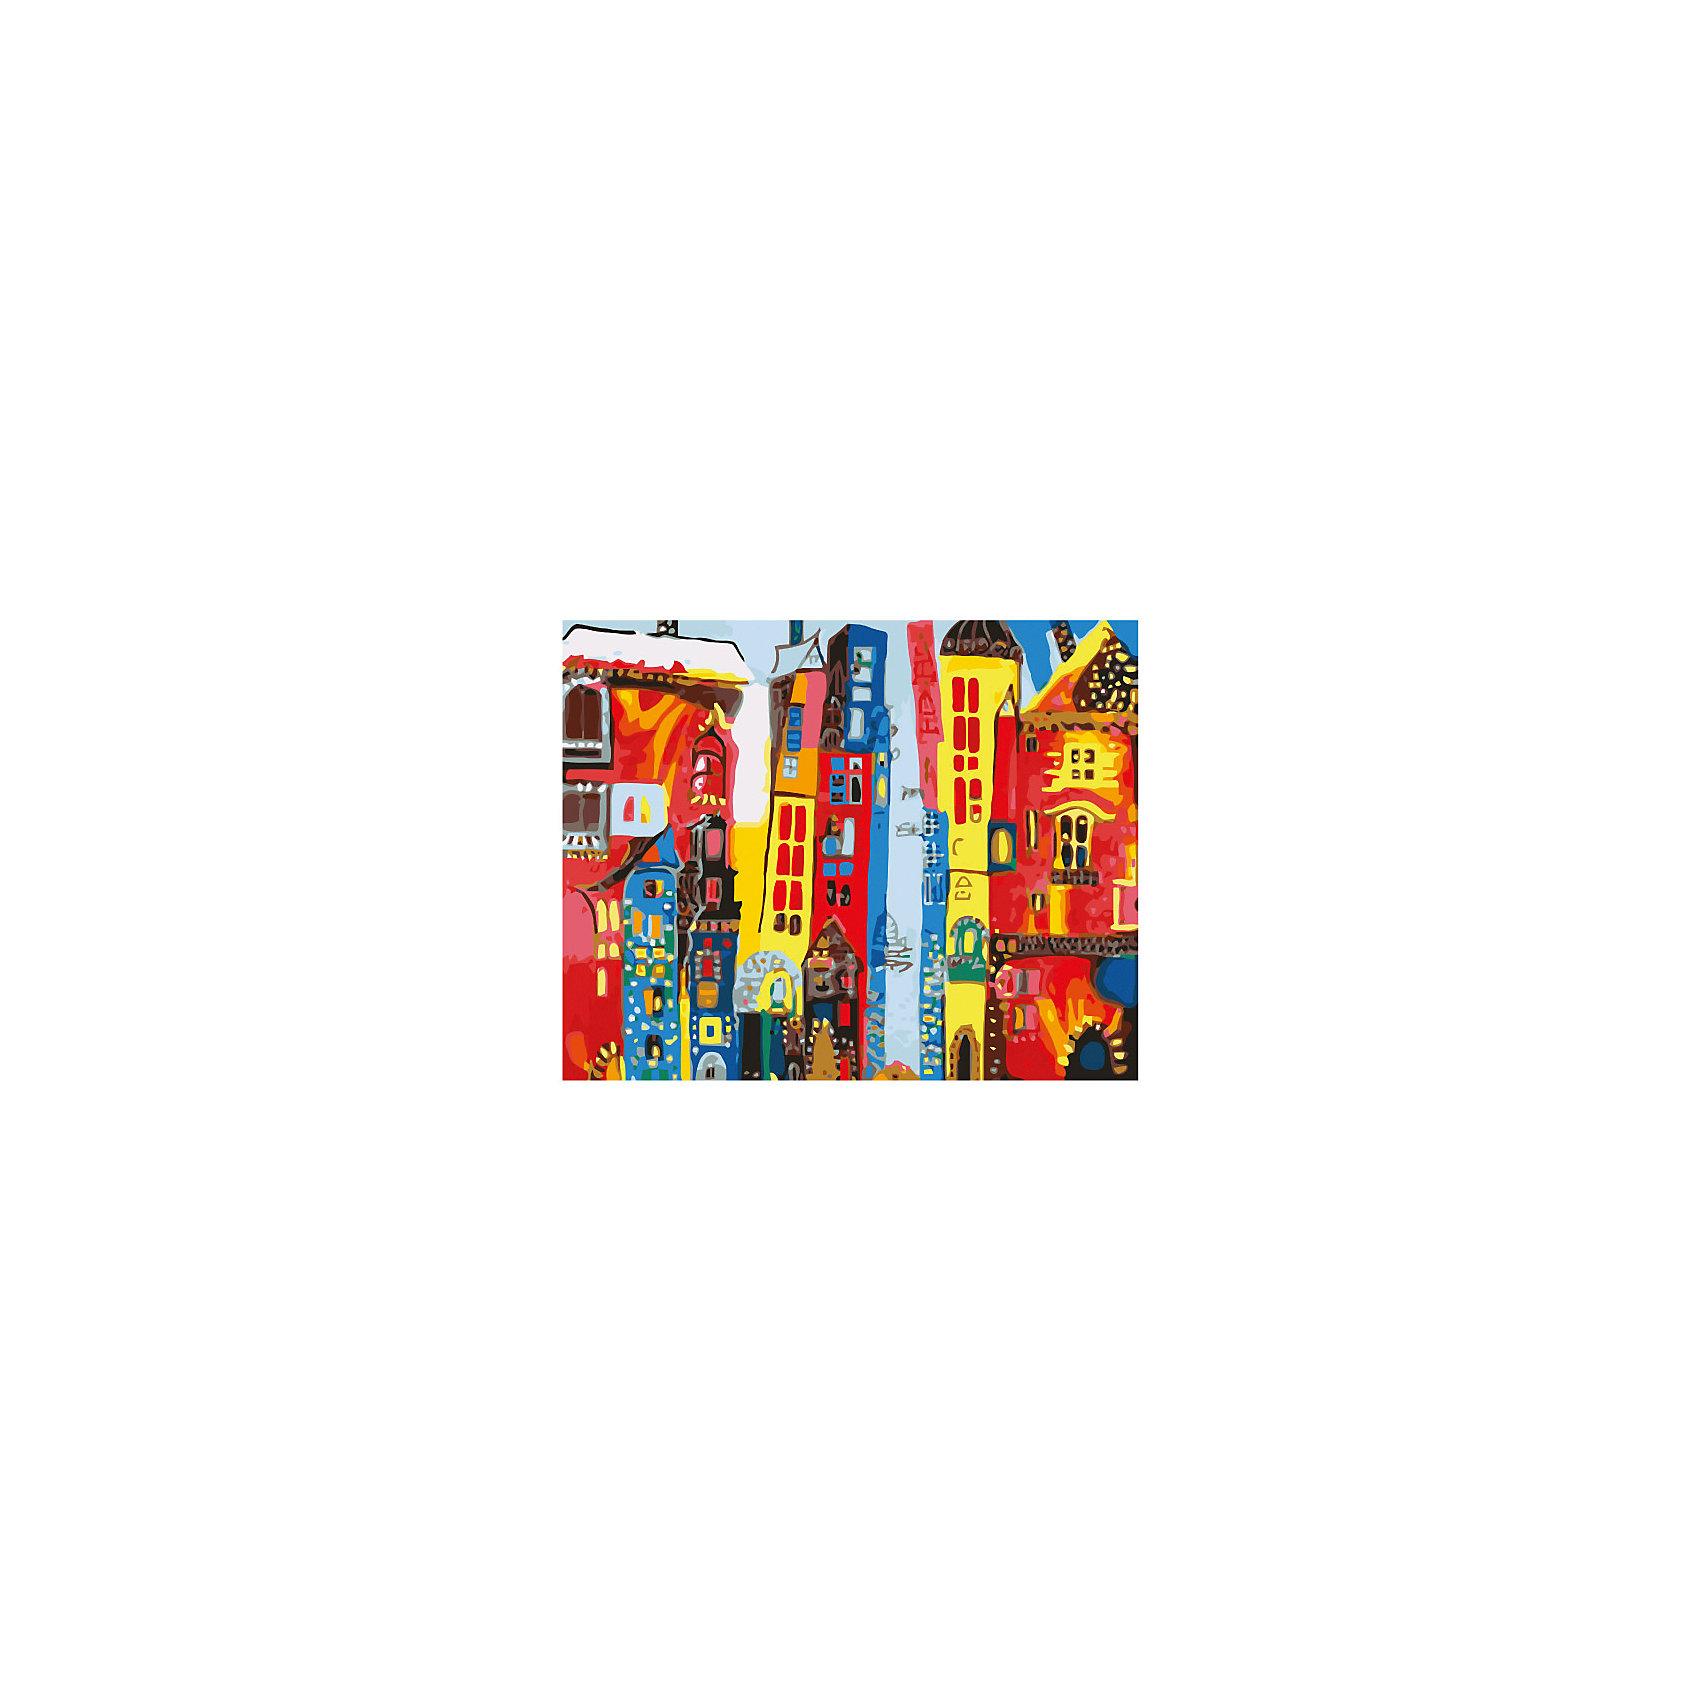 Роспись холста по номерам Город артРаскраски по номерам<br>С этим замечательным набором создать прекрасную картину сможет любой человек от 7 до 99 лет, даже если он никогда раньше не ощущал себя художником. Нужно раскрасить пронумерованные фрагменты рисунка пронумерованными красками, которые ровно ложатся на холст и хорошо закрашивают контуры. А если вдруг появится ошибка, то исправить ее поможет контрольная схема рисунка. Раскрашивание холста увлекательно и для детей, и для взрослых. А получившаяся картина станет эффектным украшением интерьера. или же прекрасным подарком, сделанным своими руками. <br><br>Дополнительная информация:<br><br>- Комплектация: холст  с контурным рисунком, натянутый на деревянную рамку, акриловые краски (24 цвета), 3 кисточки, крепежные петли для подвешивания холста, контрольная схема рисунка. <br>- Размер холста: 40х50 см.<br>- Материал: акриловые краски, дерево, пластик, бумага. <br><br>Роспись холста по номерам Город арт можно купить в нашем магазине.<br><br>Ширина мм: 500<br>Глубина мм: 400<br>Высота мм: 15<br>Вес г: 479<br>Возраст от месяцев: 84<br>Возраст до месяцев: 2147483647<br>Пол: Унисекс<br>Возраст: Детский<br>SKU: 4768553